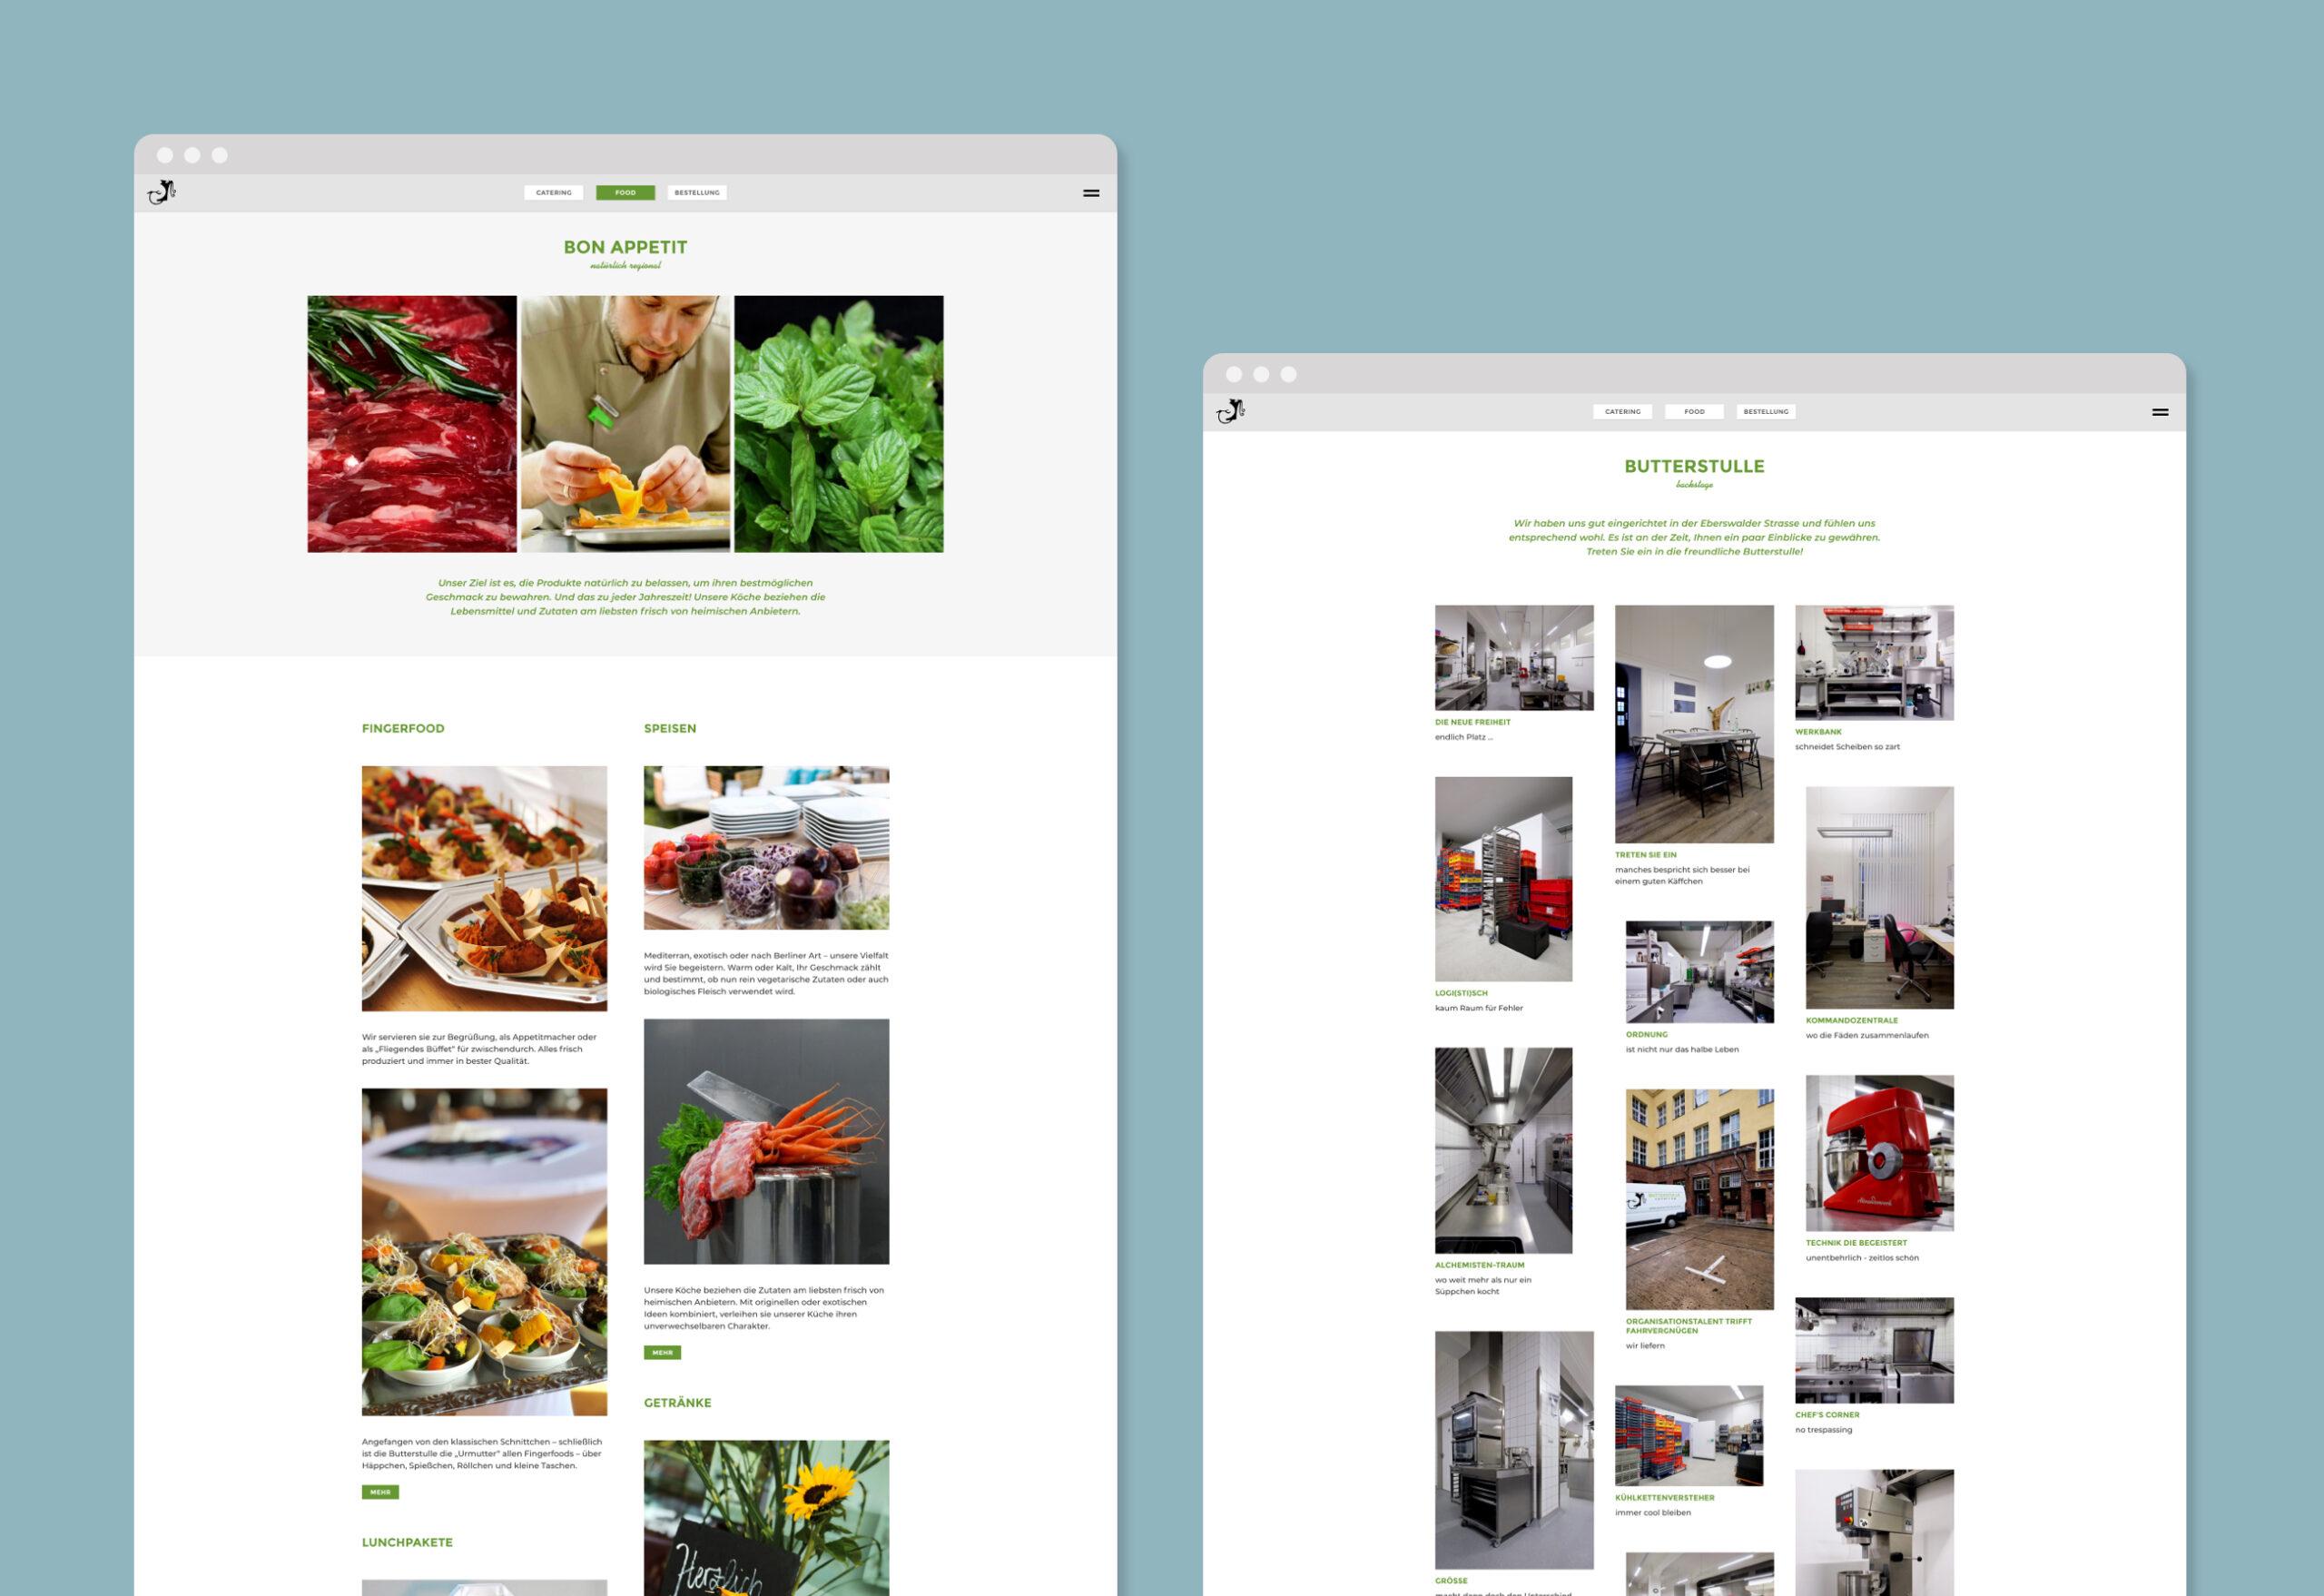 Buttestulle website screenshots